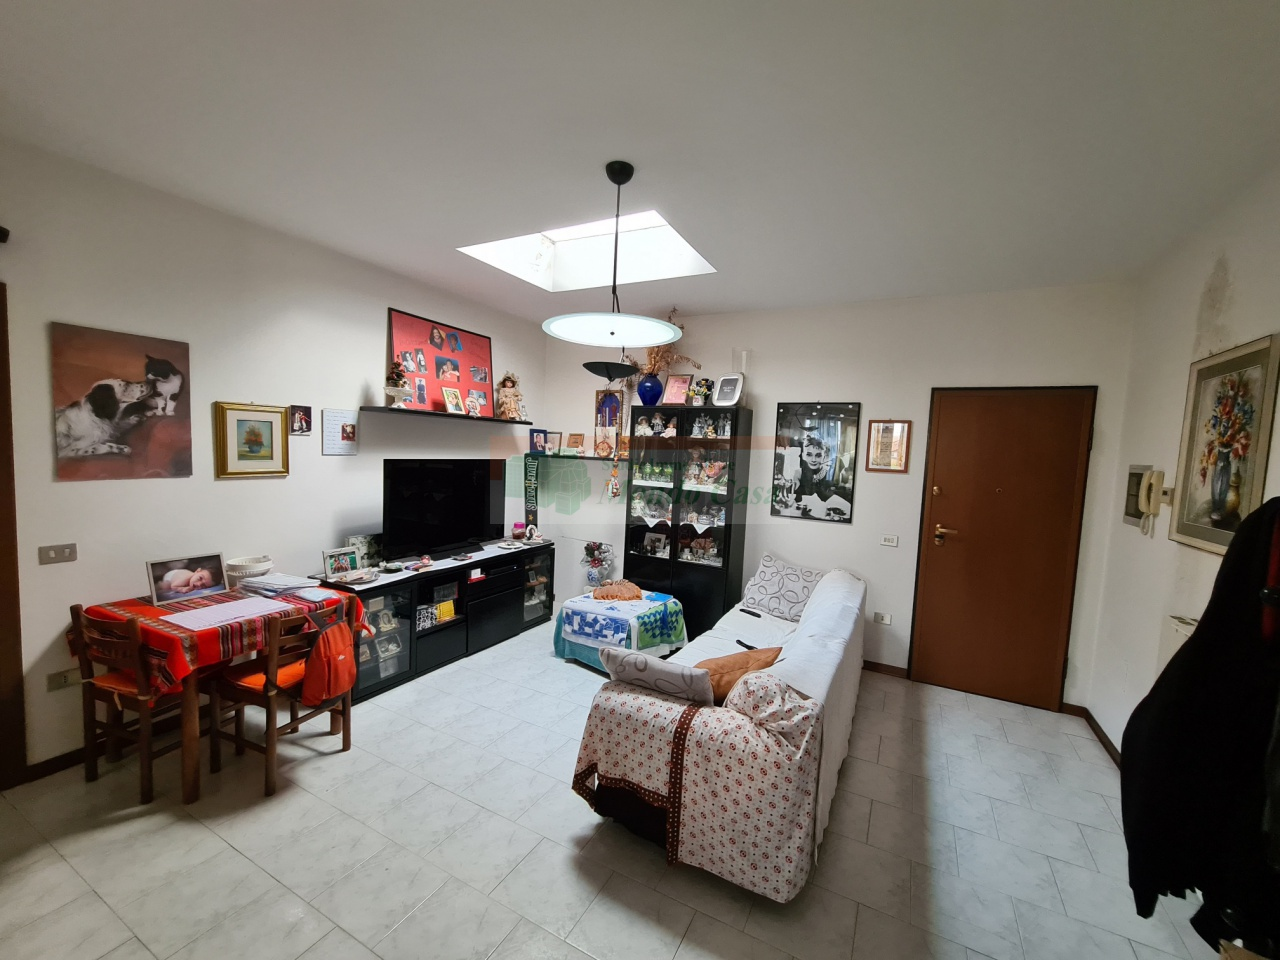 Appartamento in vendita a Russi, 4 locali, prezzo € 95.000 | CambioCasa.it